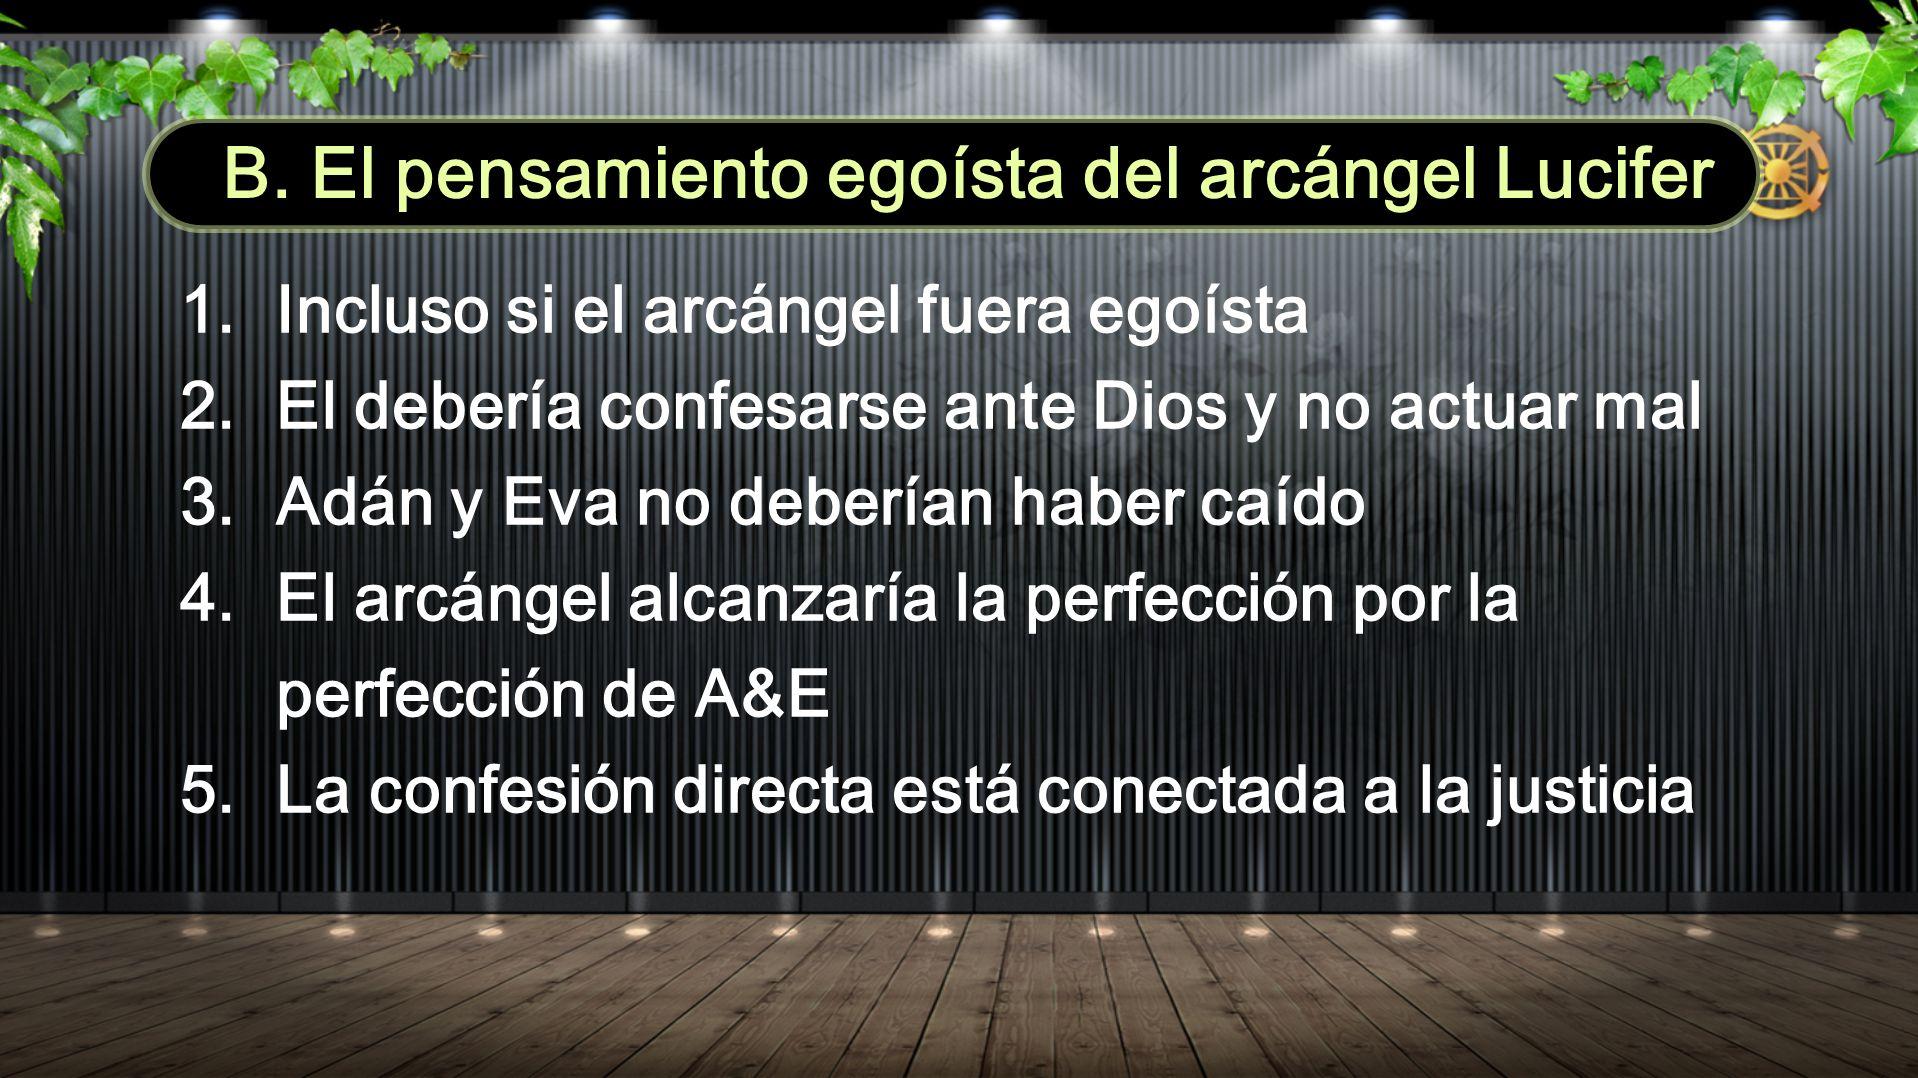 B. El pensamiento egoísta del arcángel Lucifer 1. Incluso si el arcángel fuera egoísta 2. El debería confesarse ante Dios y no actuar mal 3. Adán y Ev